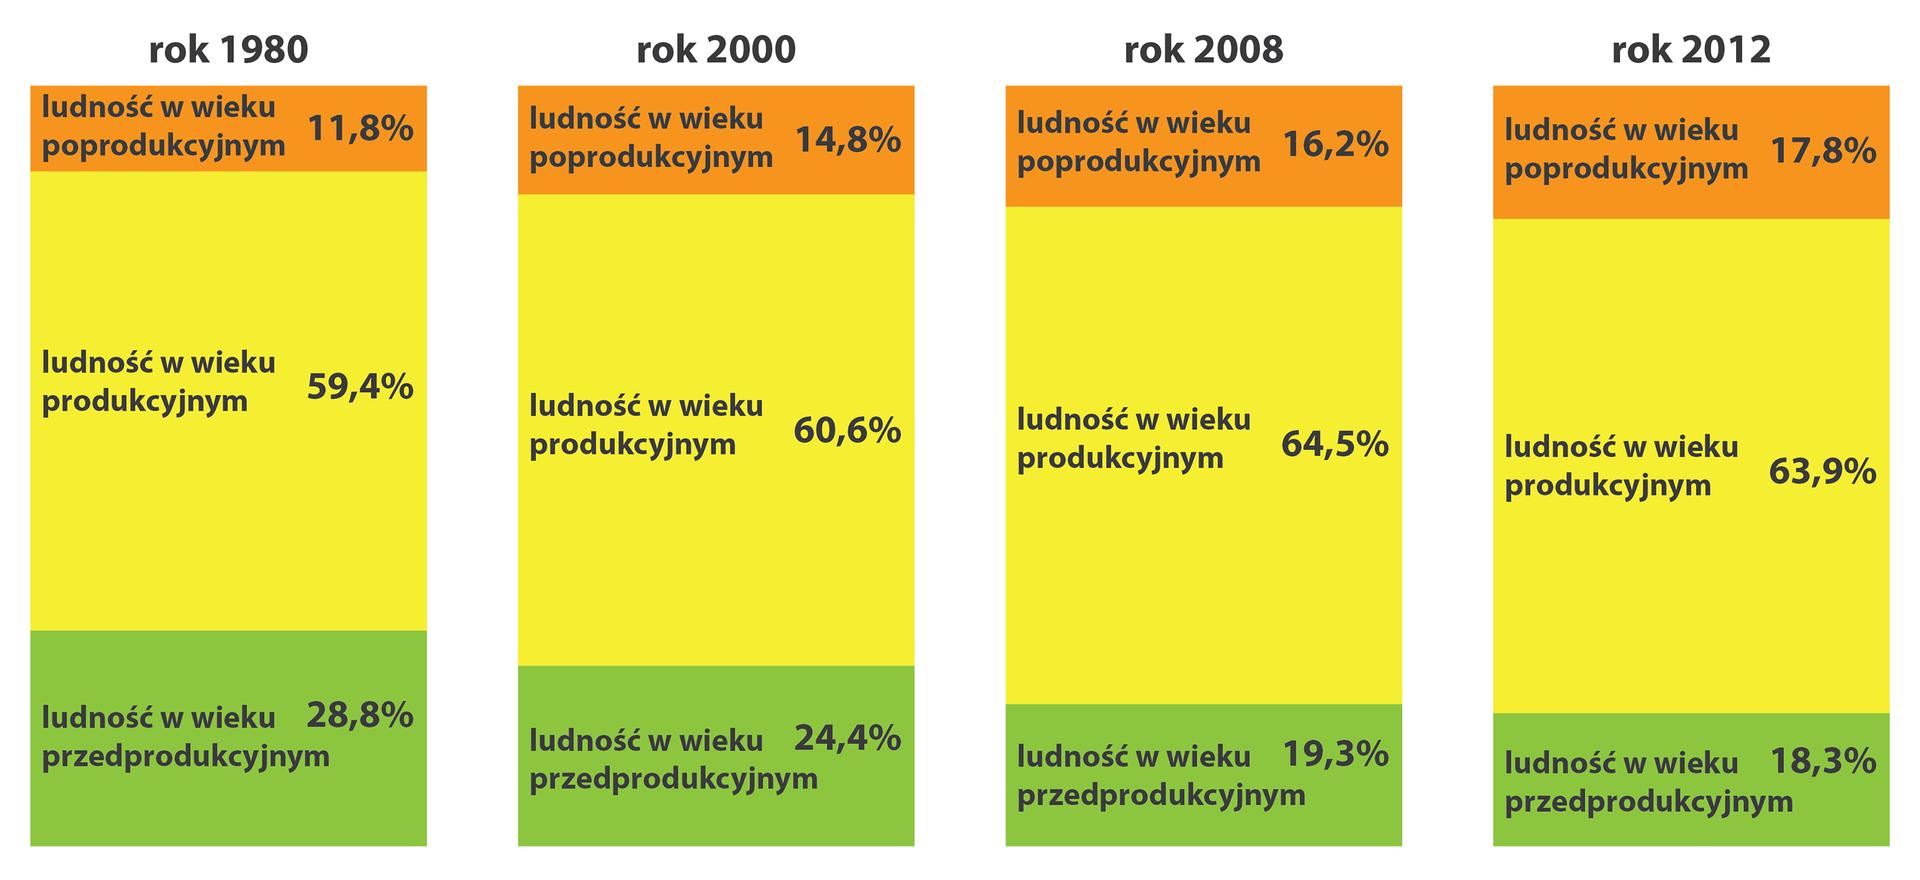 Na ilustracji cztery wykresy słupkowe strukturalne: struktura wieku Polaków wlatach 1980, 2000, 2008, 2012. 1980200020082012Ludność wwiekupoprodukcyjnym11,8%14,8%16,2%17,8%Ludność wwiekuprodukcyjnym59,4%60,6%64,5%63,9%Ludność wwiekuprzedprodukcyjnym28,8%24,4%19,3%18,3%